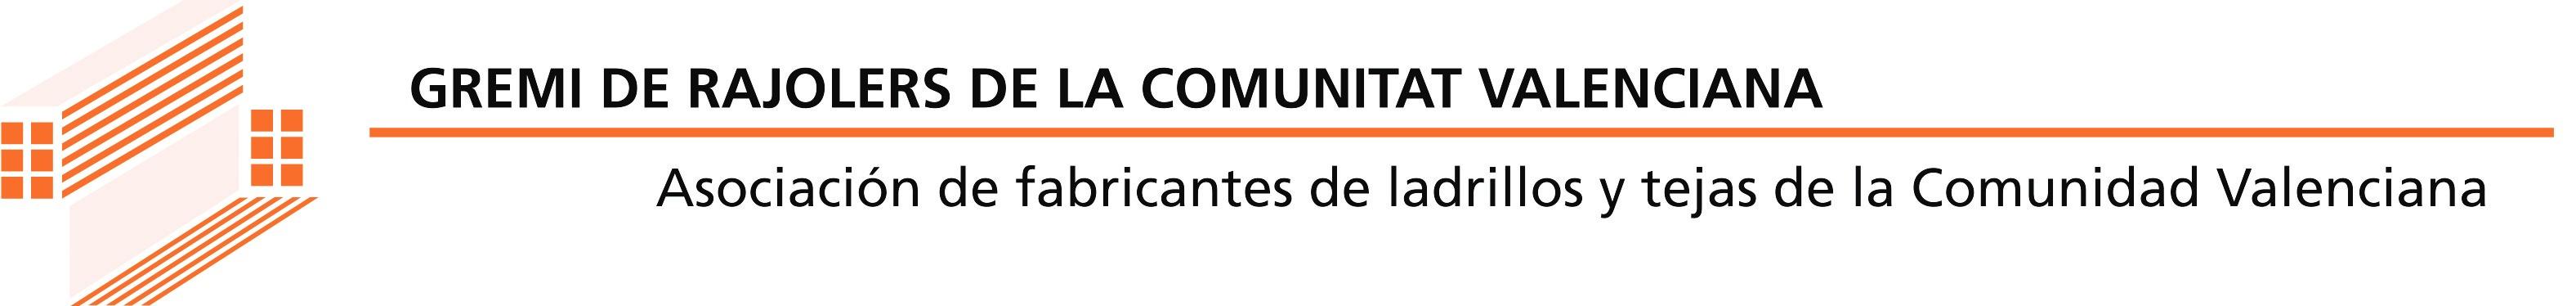 Gremi de Rajolers de la Comunitat Valenciana